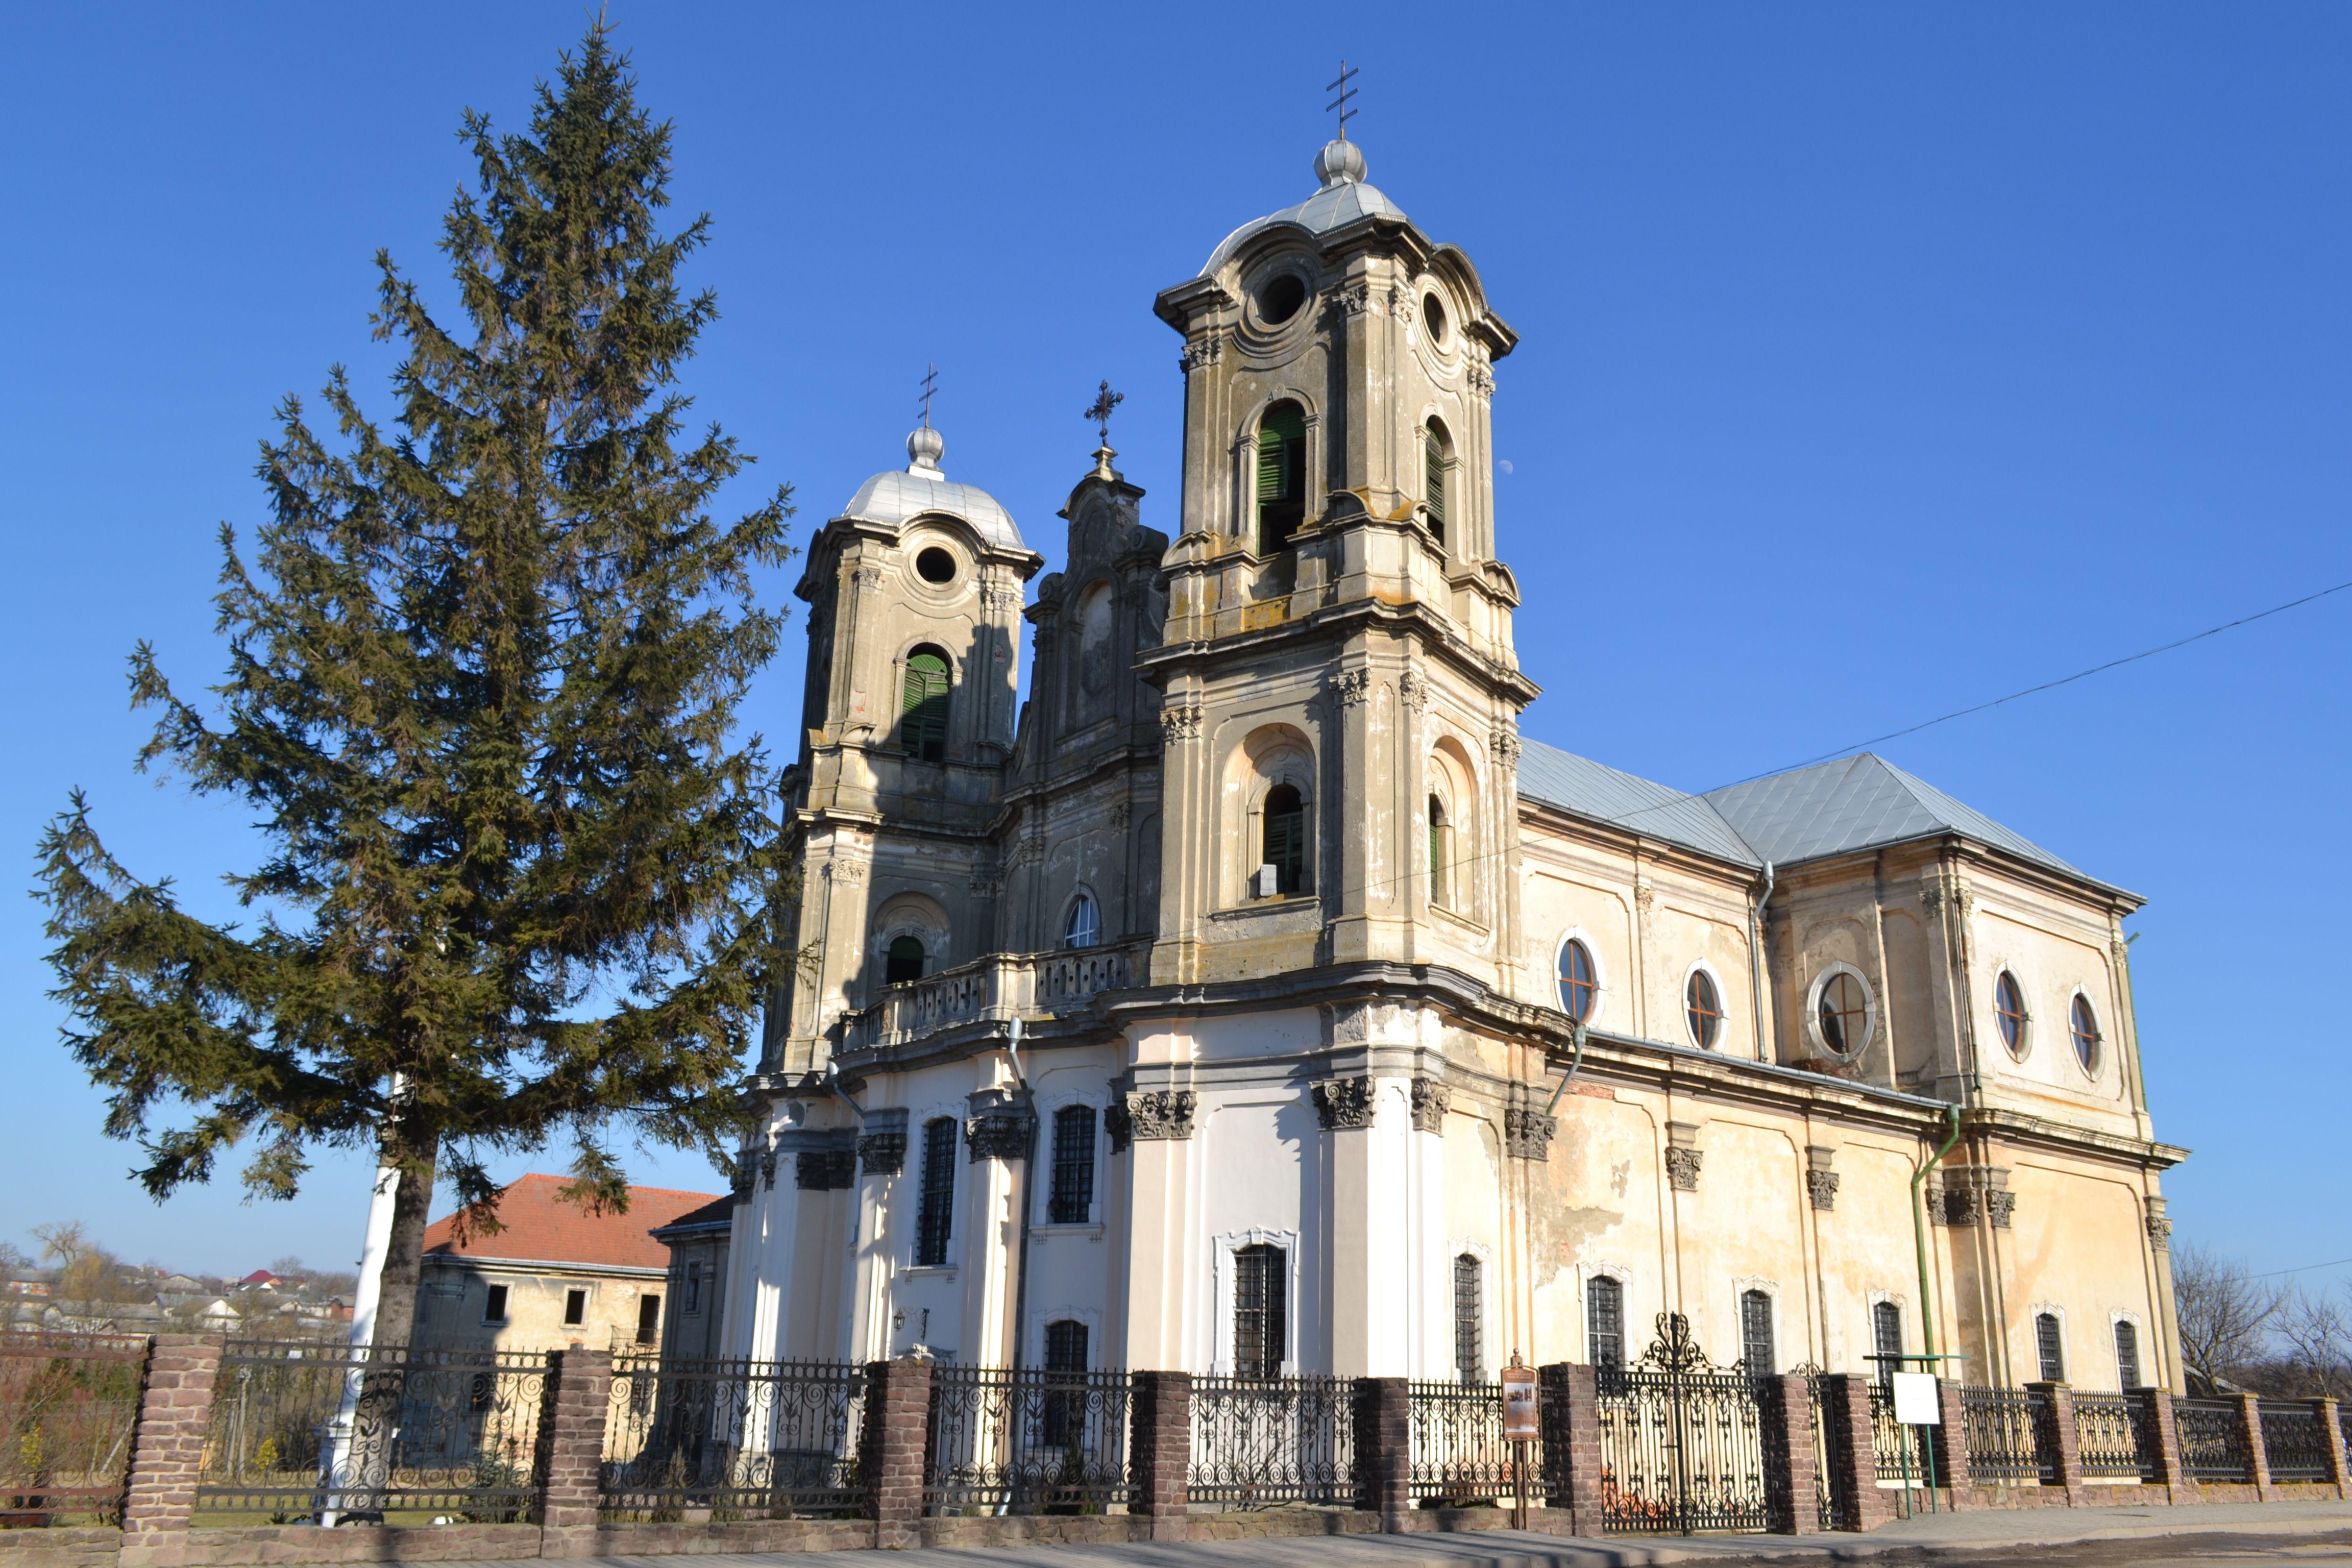 Файл:Городенка.Костел Непорочного Зачаття Діви Марії.JPG — Вікіпедія